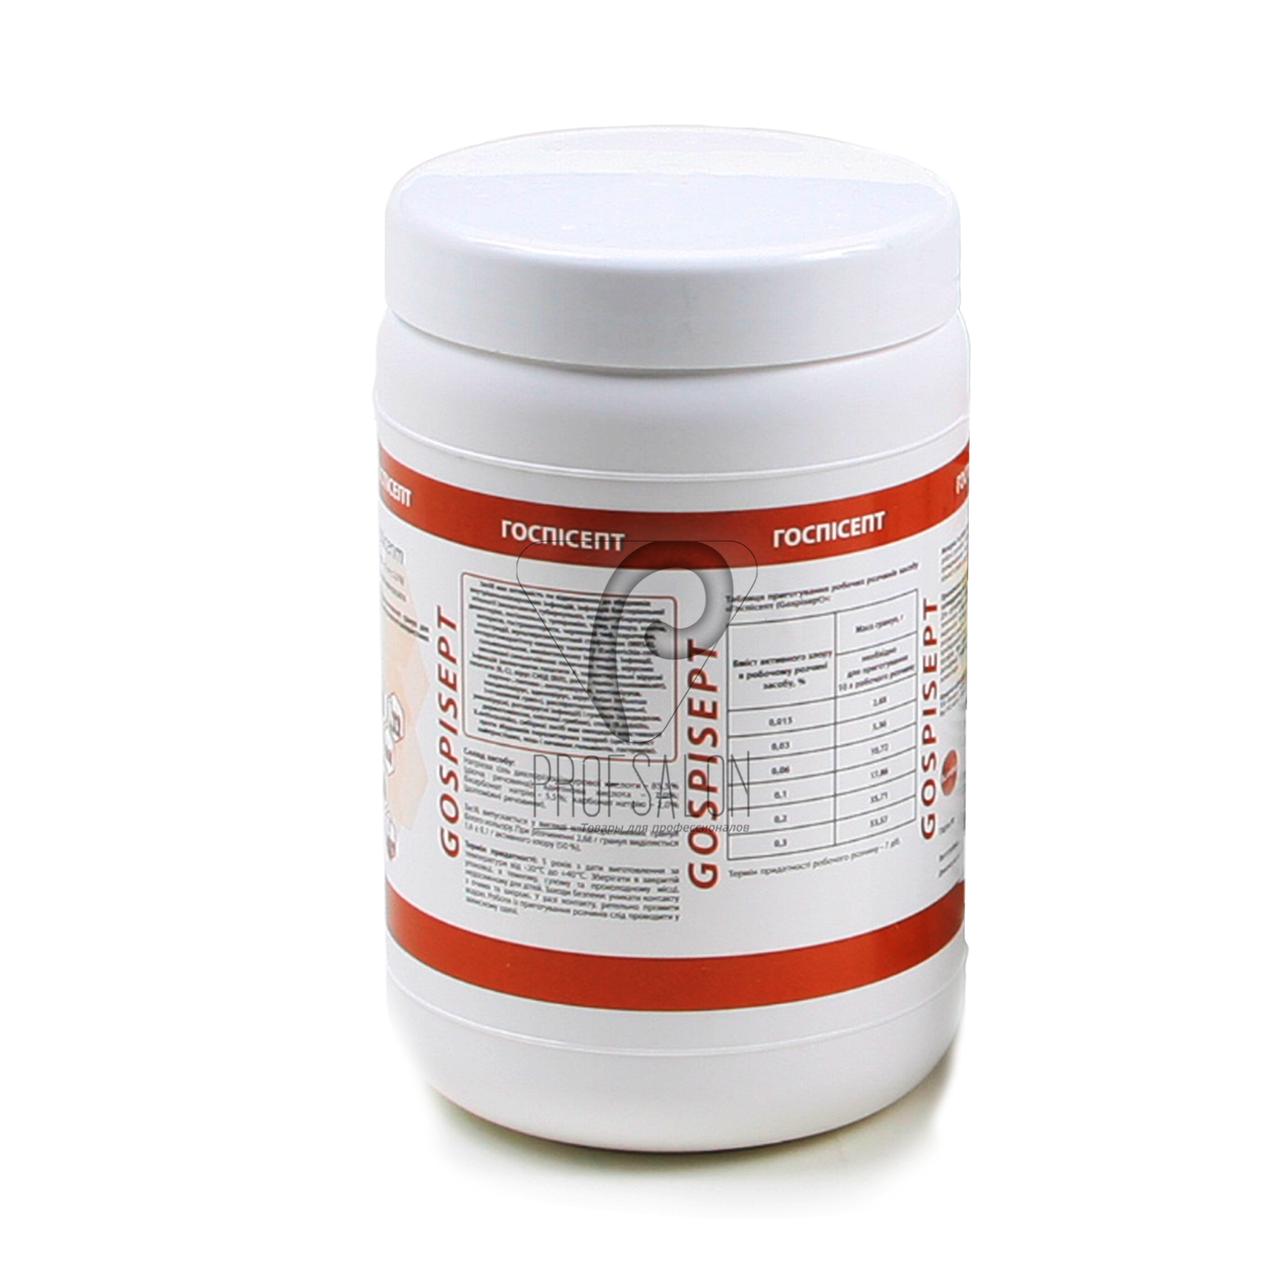 Госписепт (гранулы), 1 кг  средство для дезинфекции, обеззараживания использованных медицинских изделий